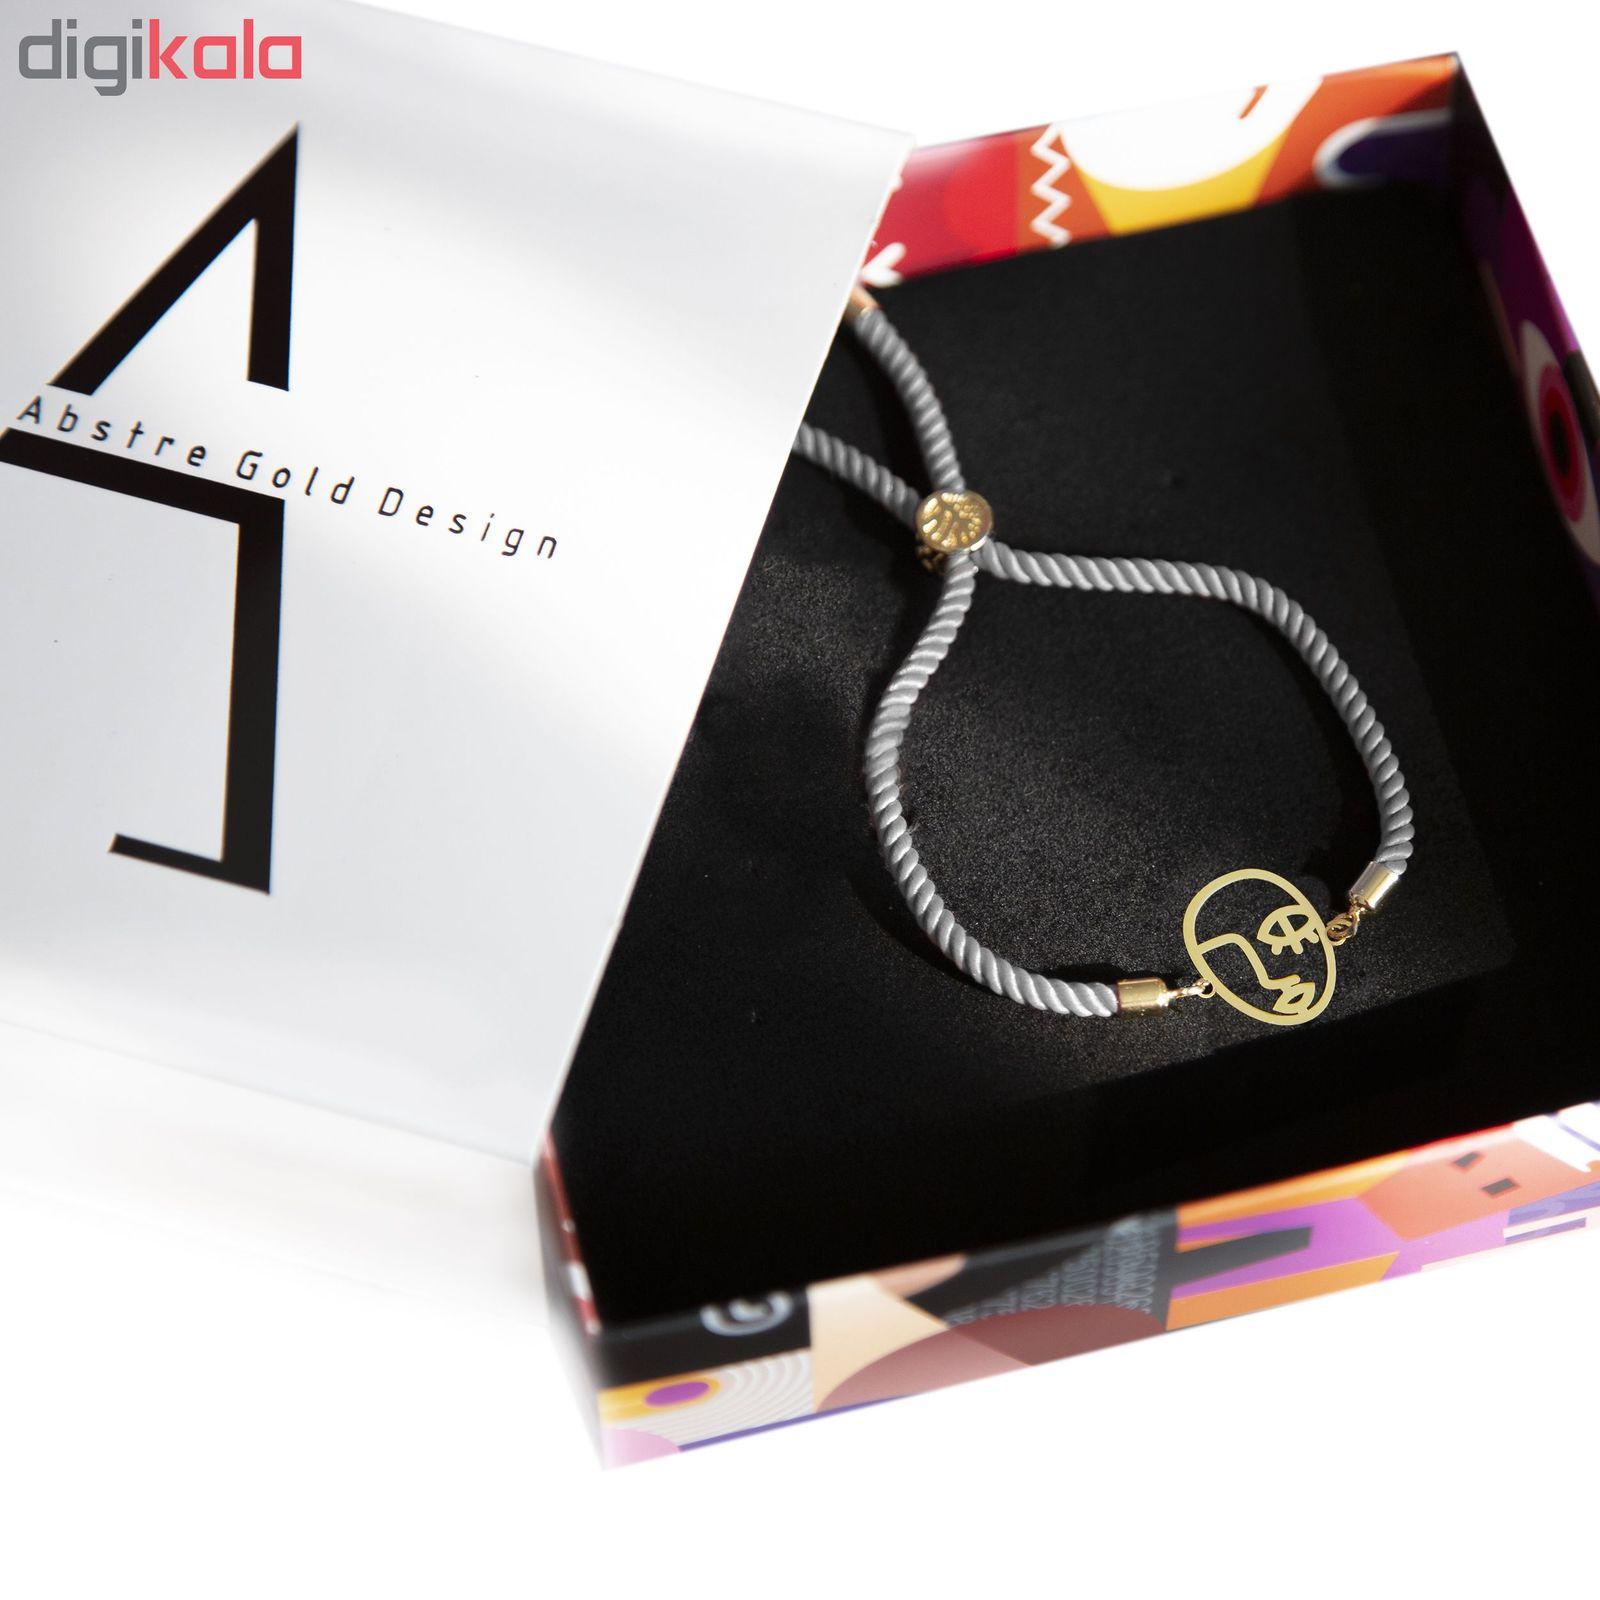 دستبند طلا 18 عیار زنانه اَبستره کد DCH001 -  - 4